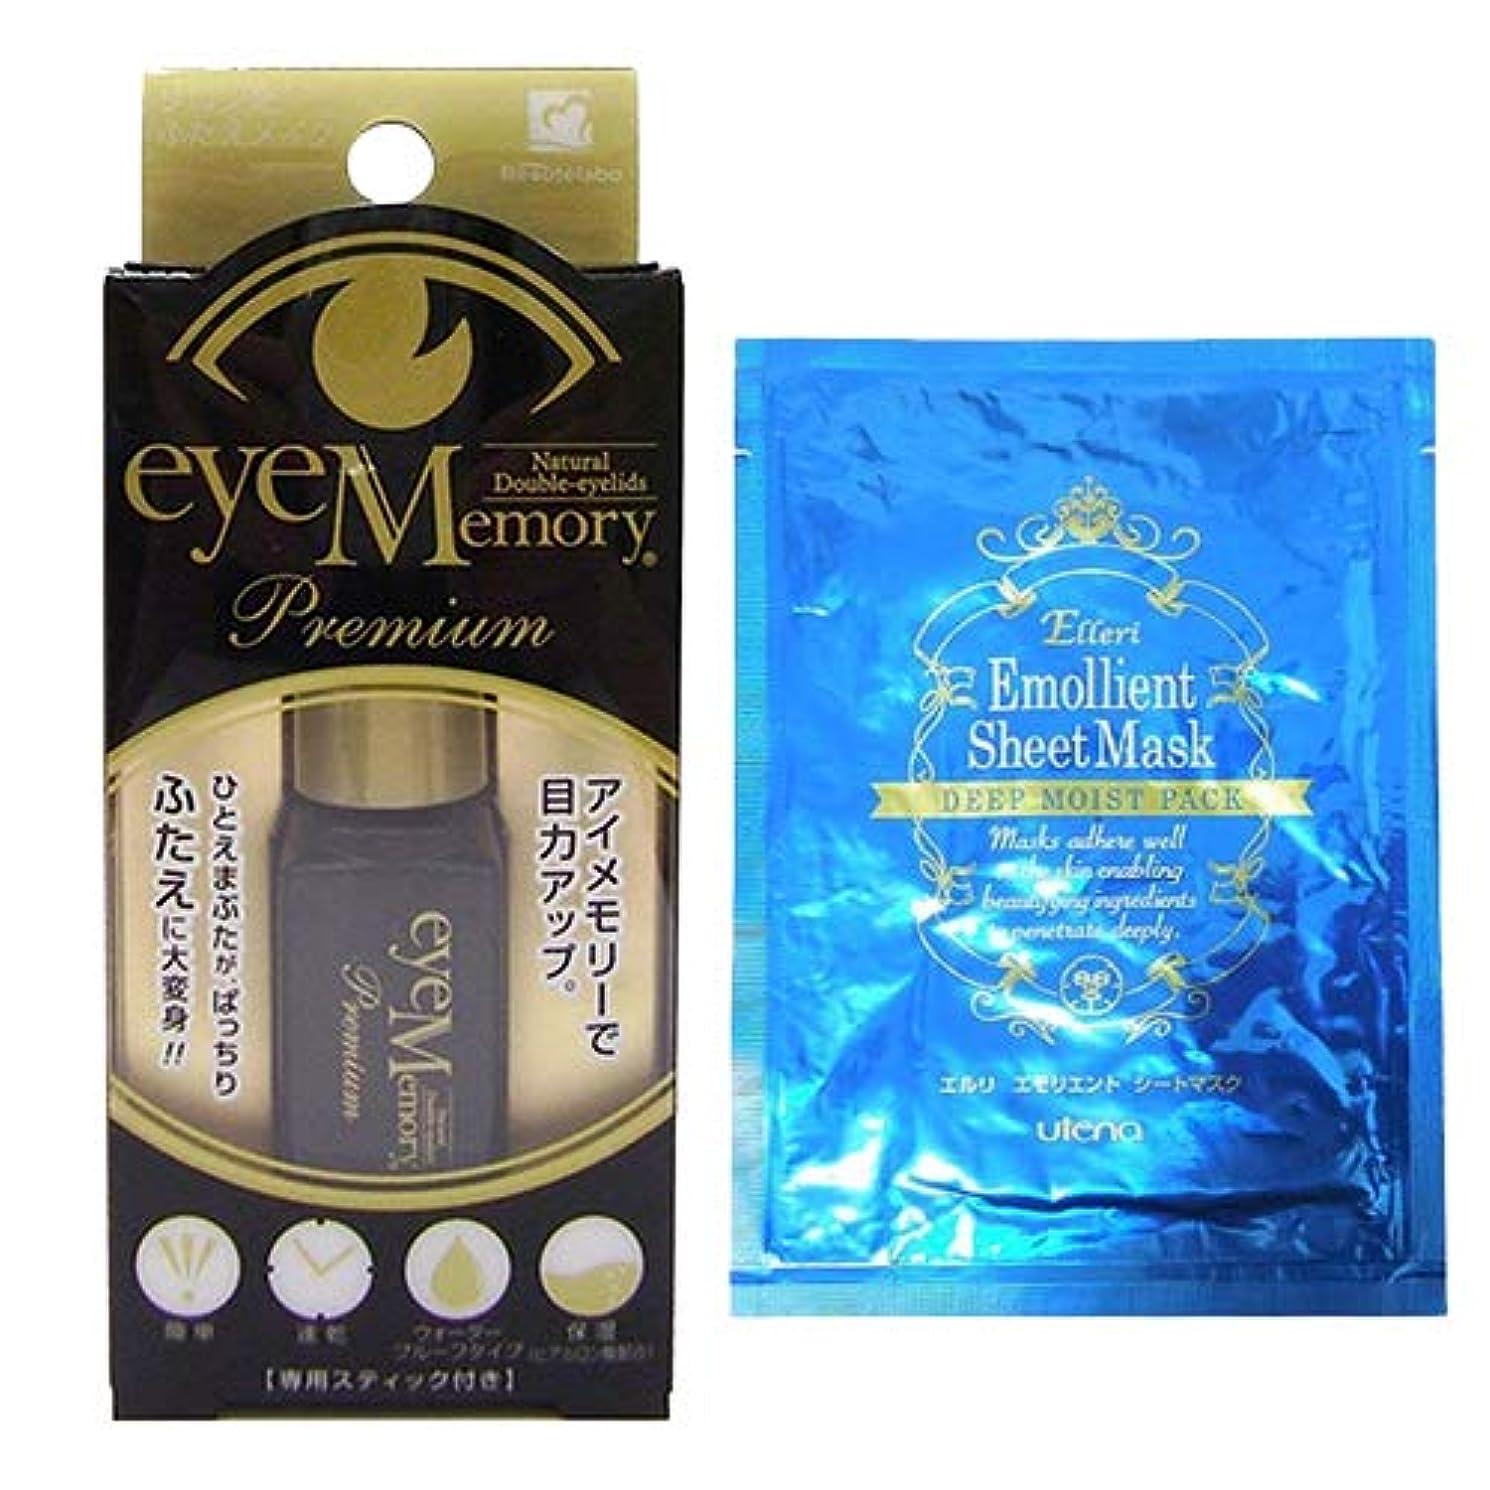 マオリケイ素摂動アイメモリー モイスチャー プレミアム(4mL) +エルリ エモリエントシートマスク